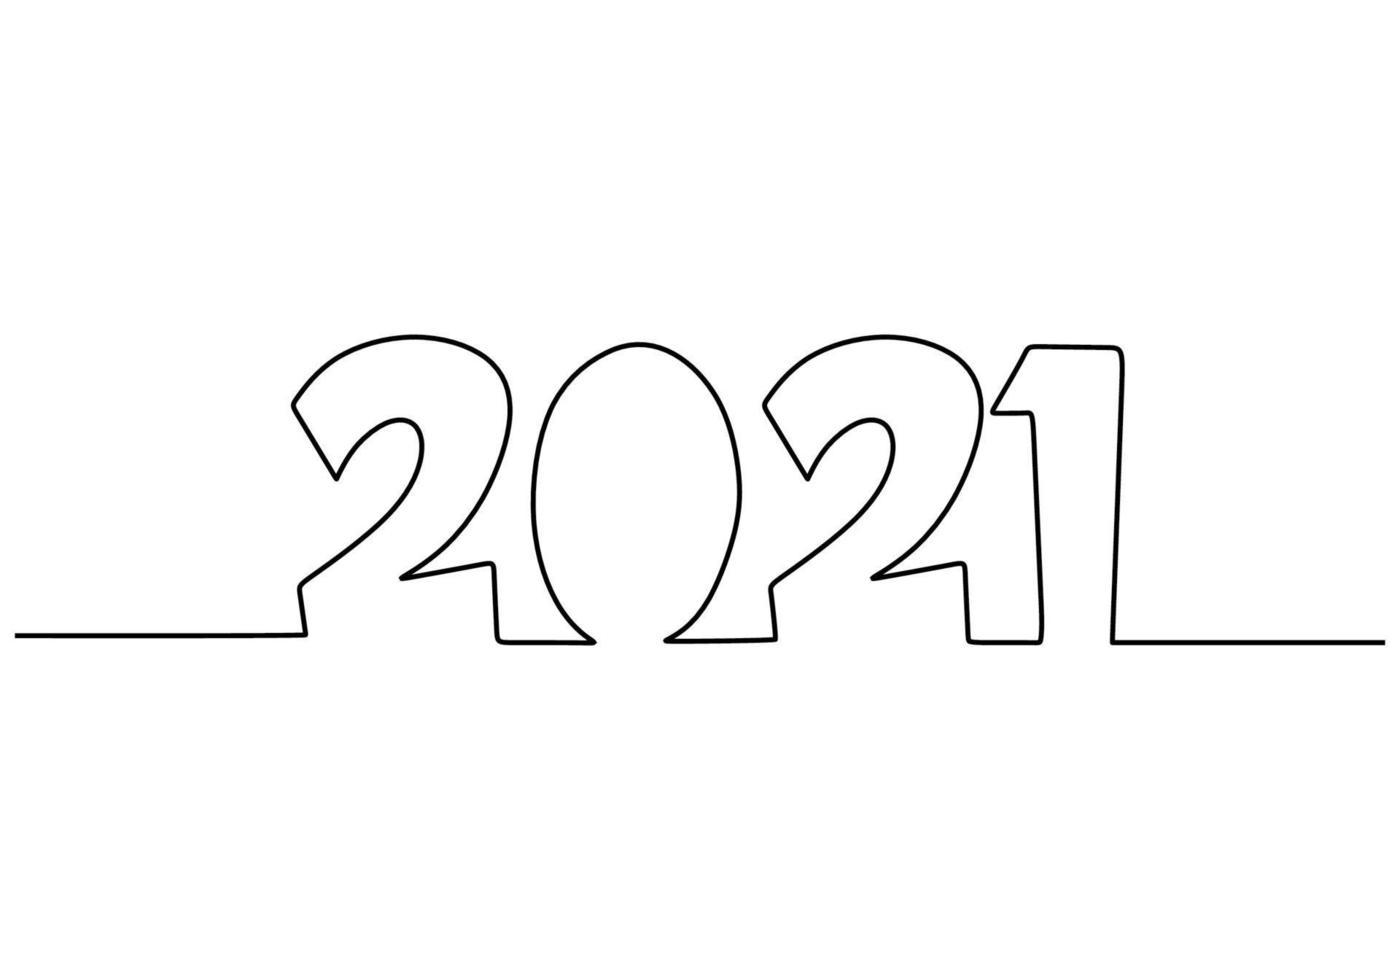 2021 van een nieuwe jaar ononderbroken lijntekening geïsoleerd op een witte achtergrond. viering voor het komende nieuwe jaar handgetekende lijntekeningen minimalisme design. nieuw jaar, nieuw leven, nieuwe wereld. vector illustratie